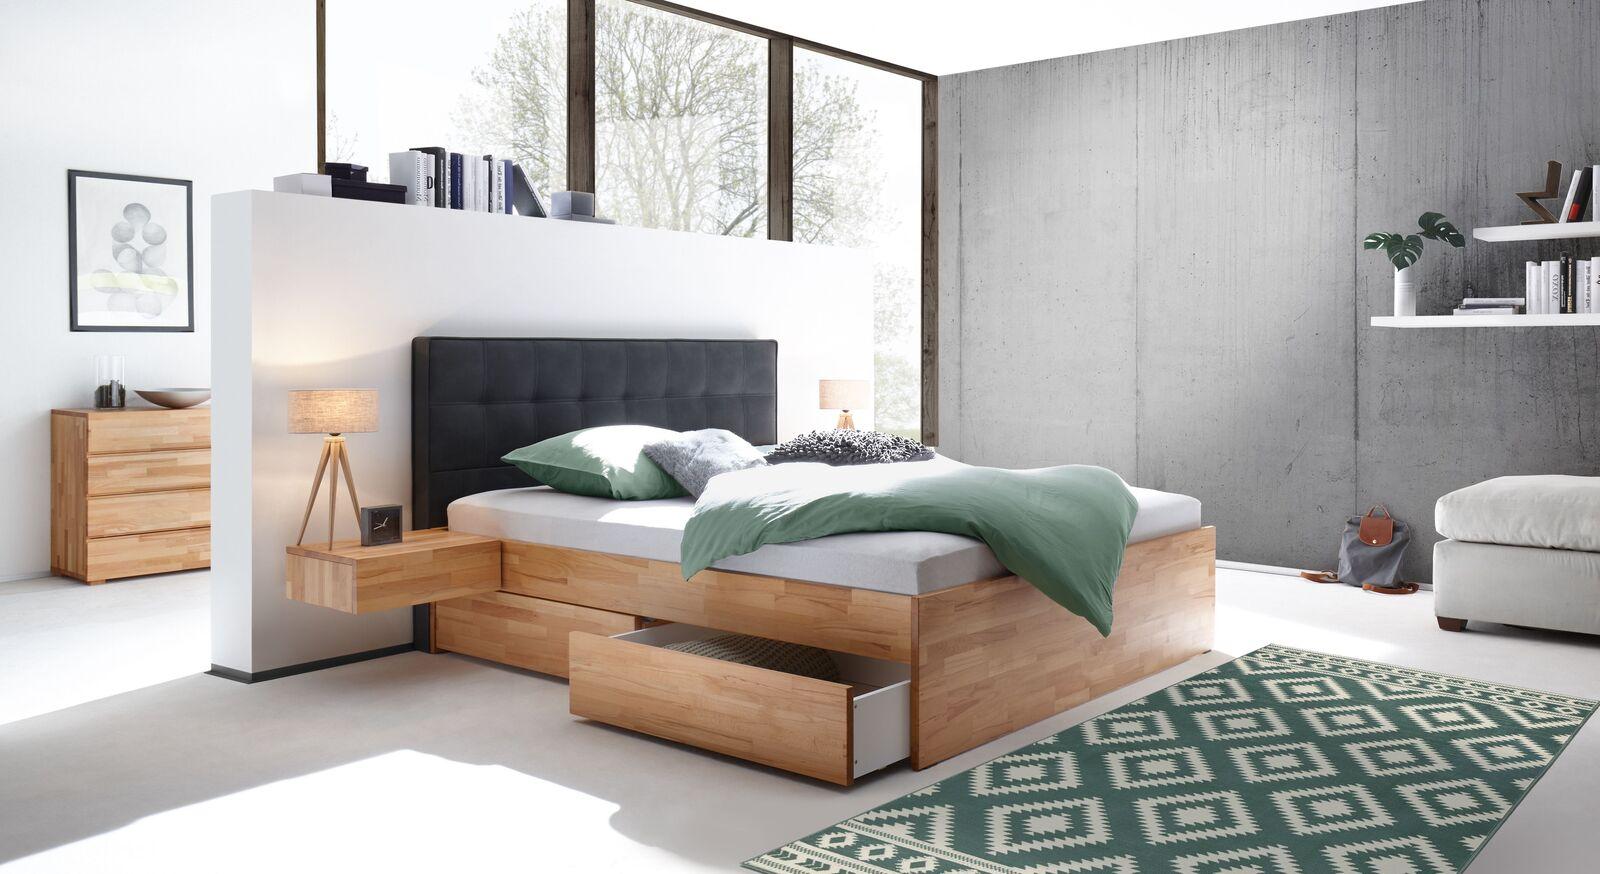 Passende Produkte zum Schubkasten-Doppelbett Mirenda